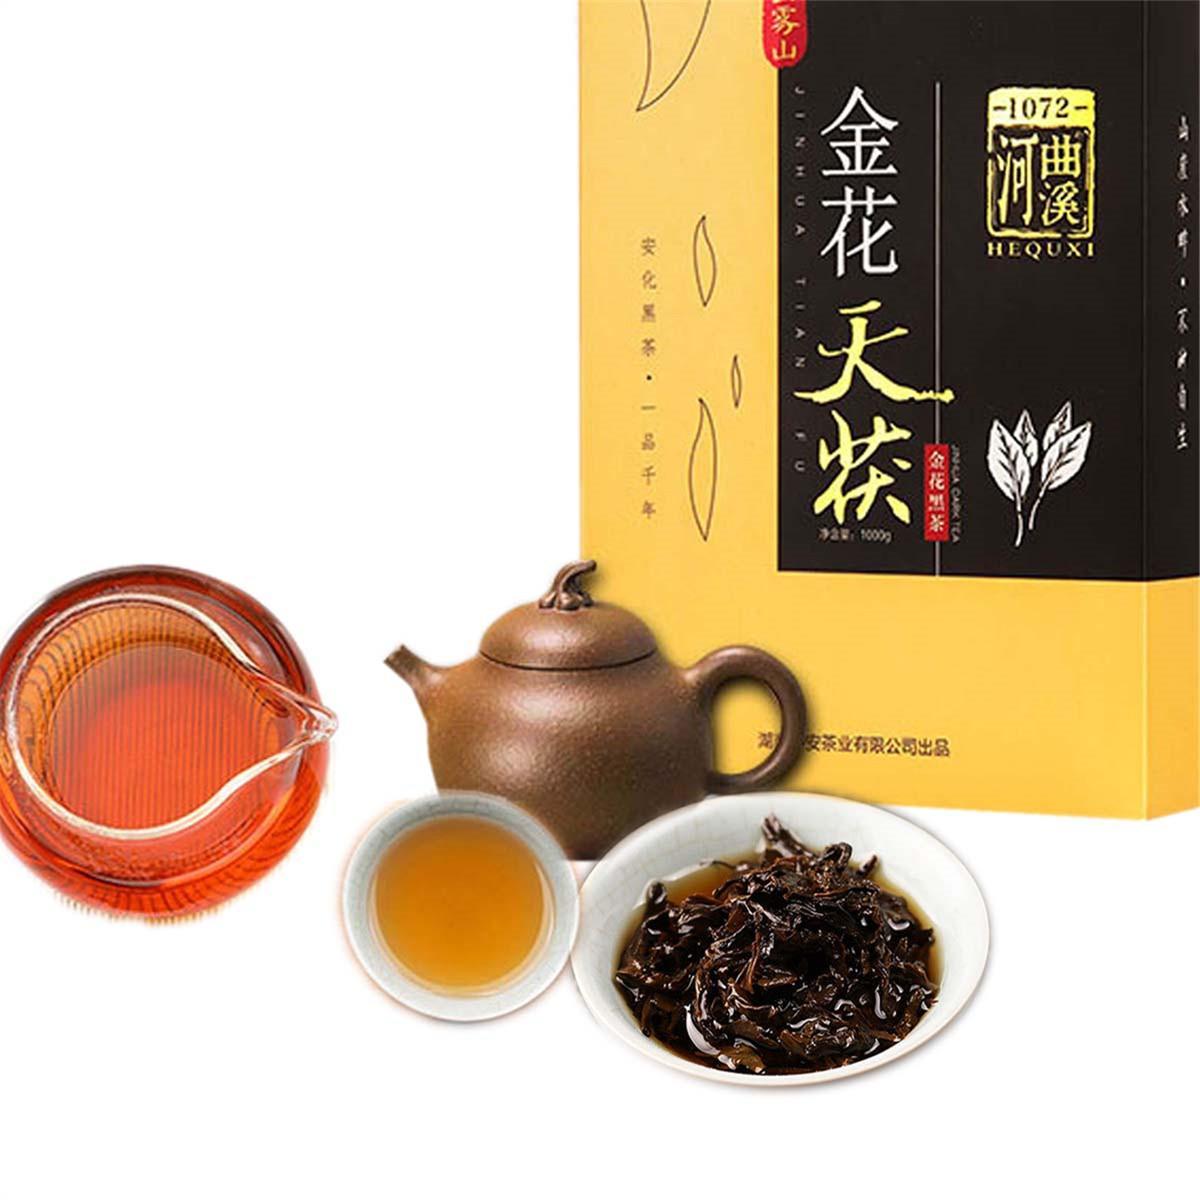 Tercih edilmekte 1000g Premium Çinli Hunan Anhua Siyah Çay Fu Tuğla Çay Özel Jinhua Golden Flower Sağlıklı Yeşil Gıda